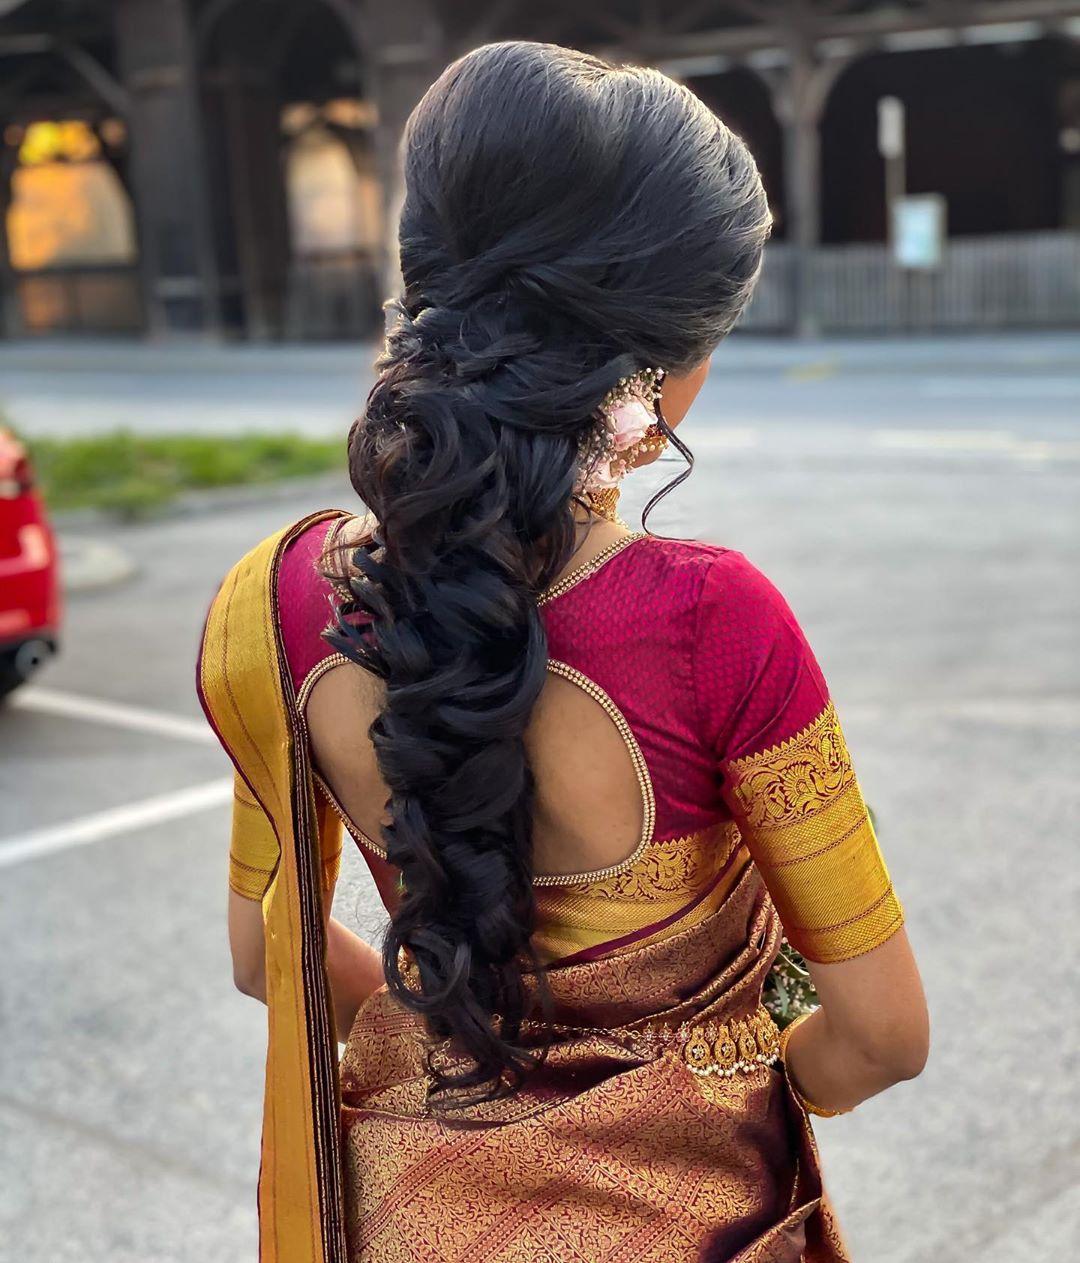 Messy Braid For My Bride Arthy 😍 Bride Bridal - Weddings